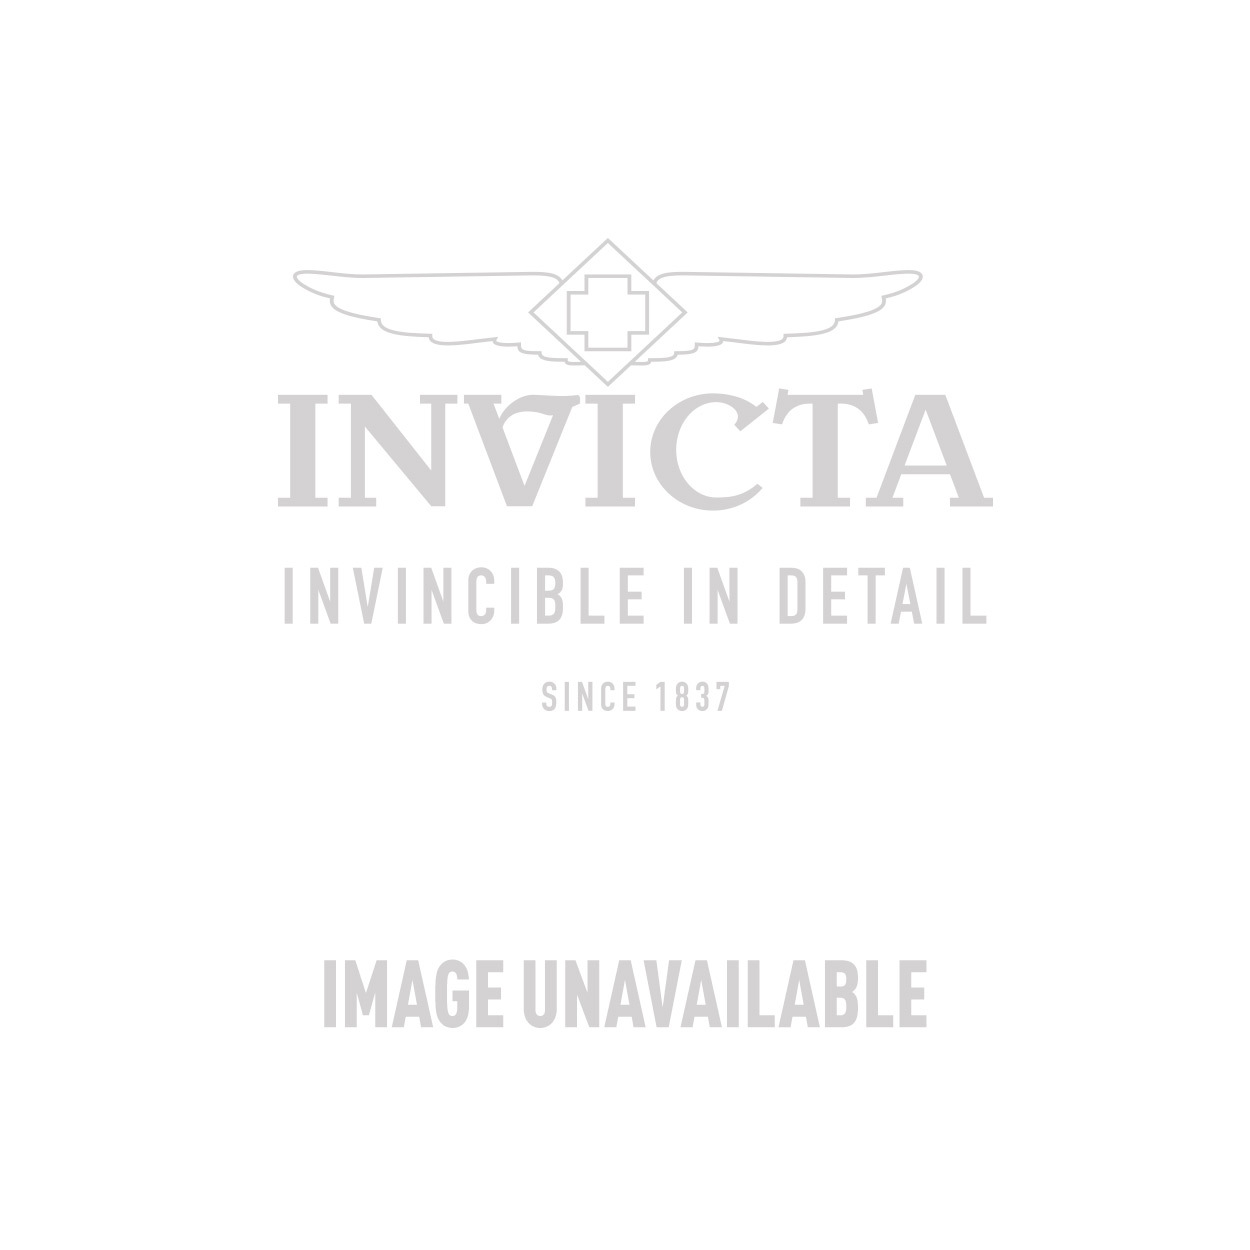 Invicta Model 27353